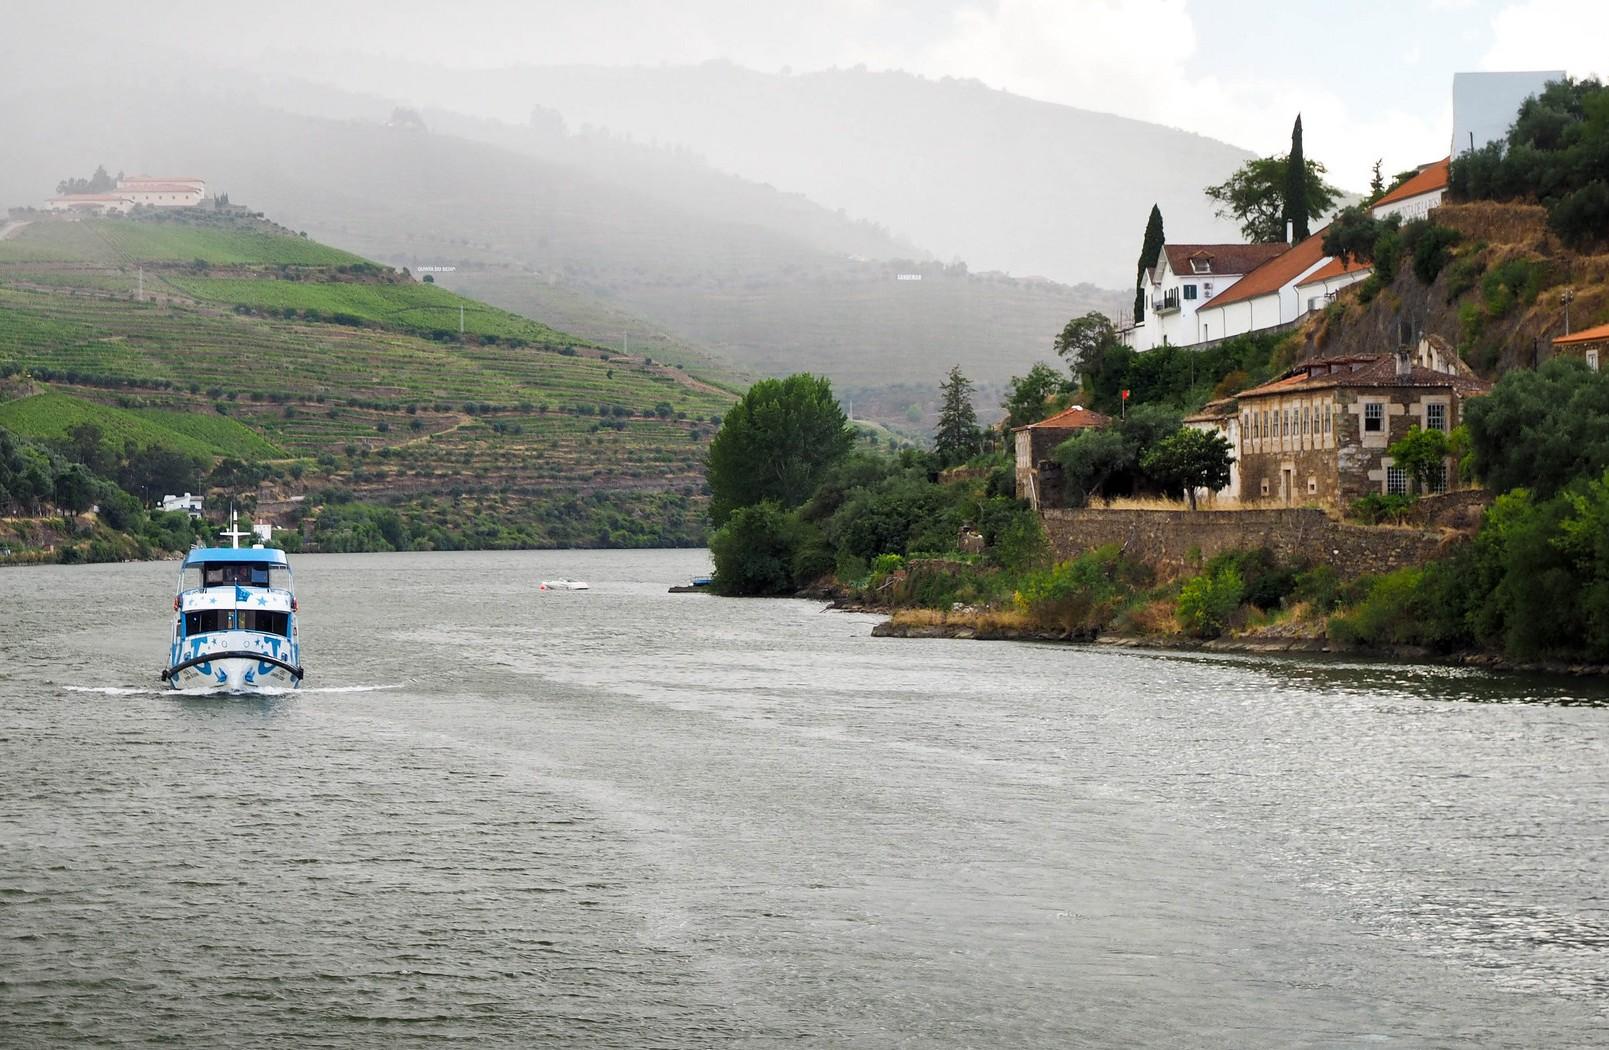 Crociera a Desenzano e Lago di Garda